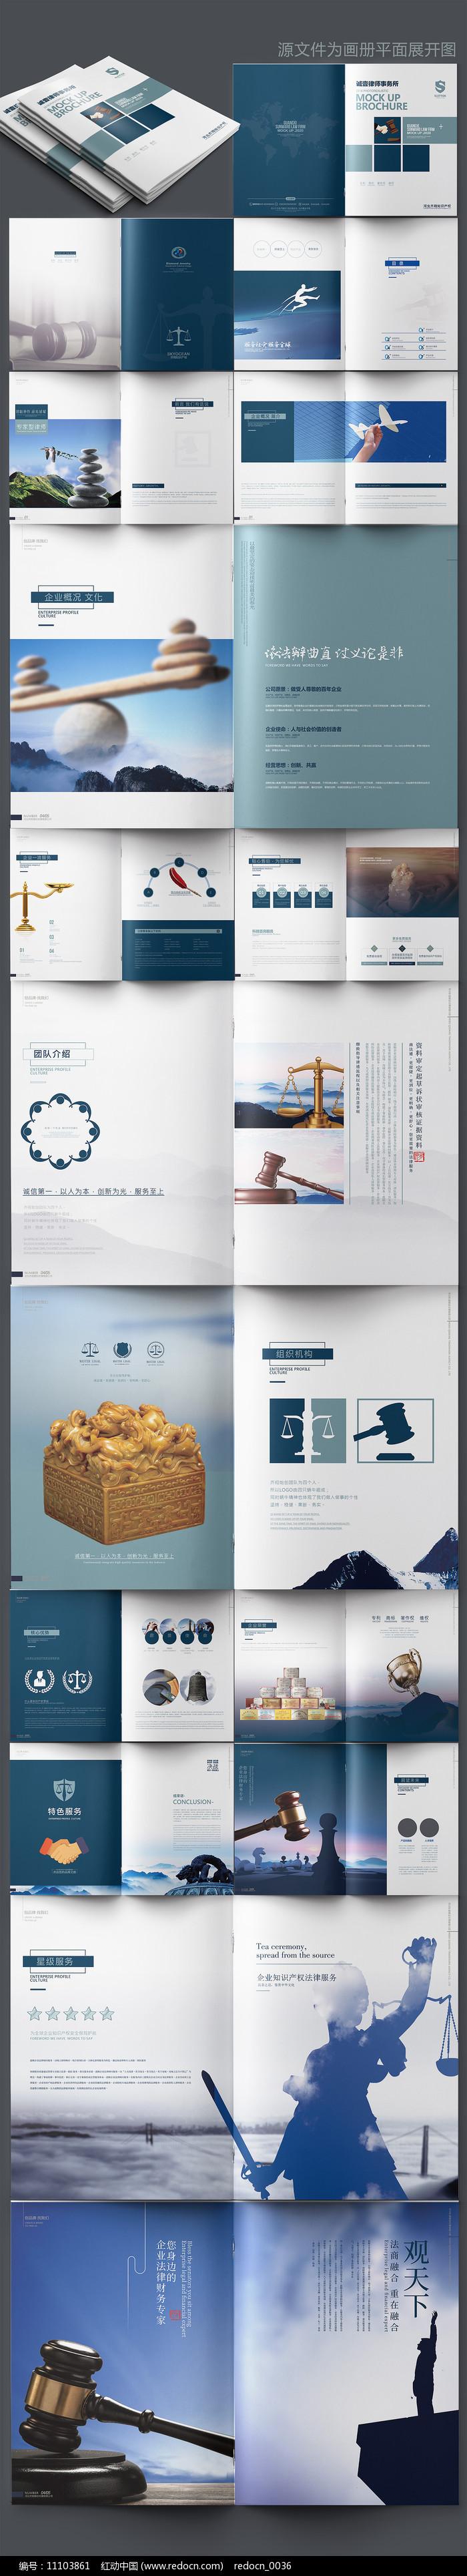 高端律师事务所宣传画册